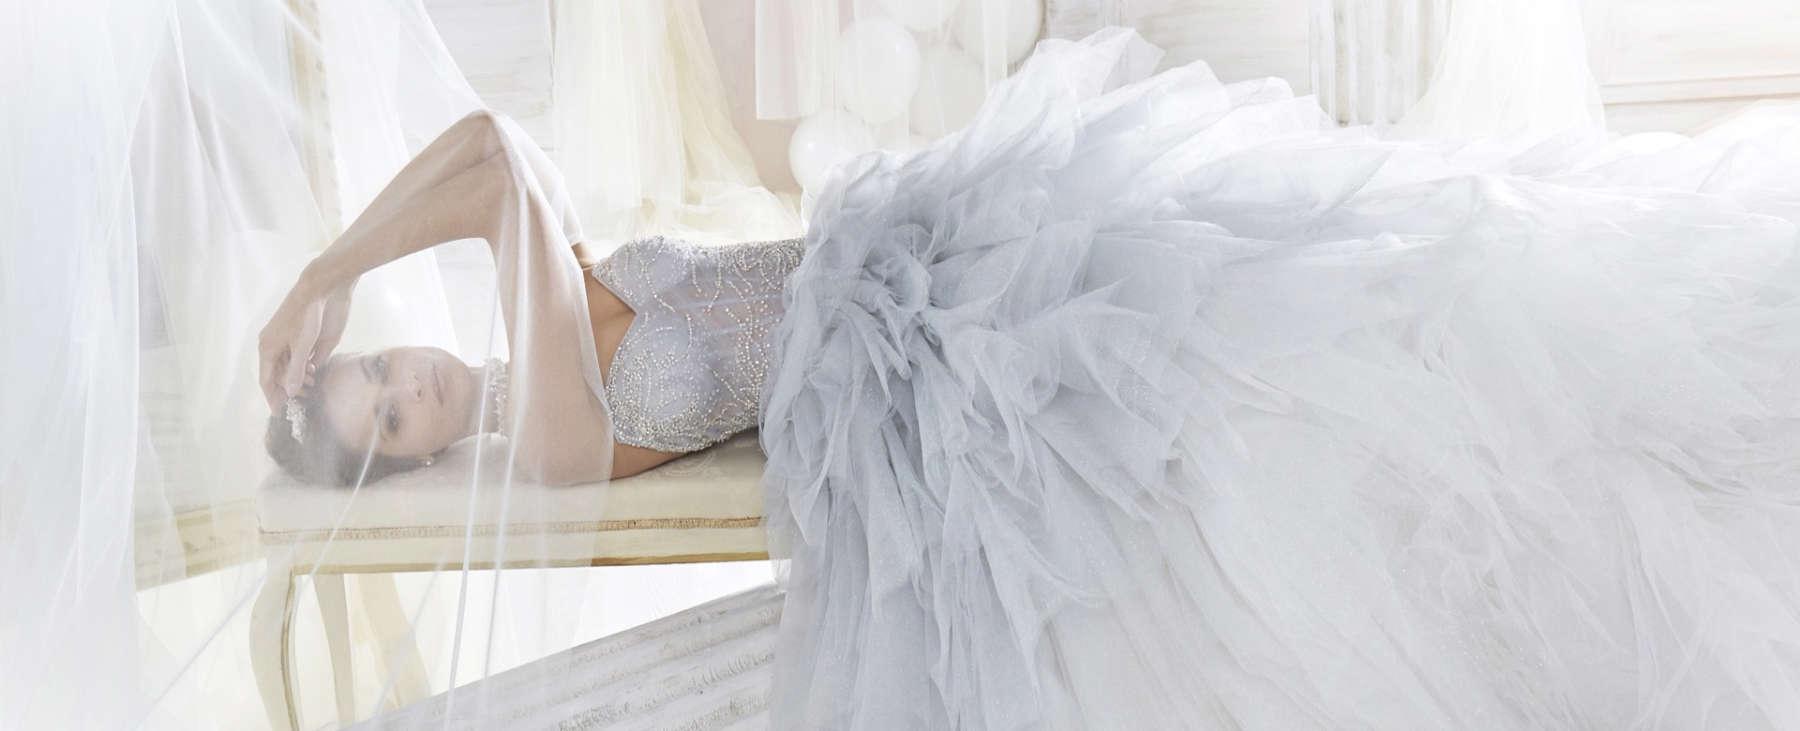 Свадебный салон в Киеве - оригинальные брендовые платья